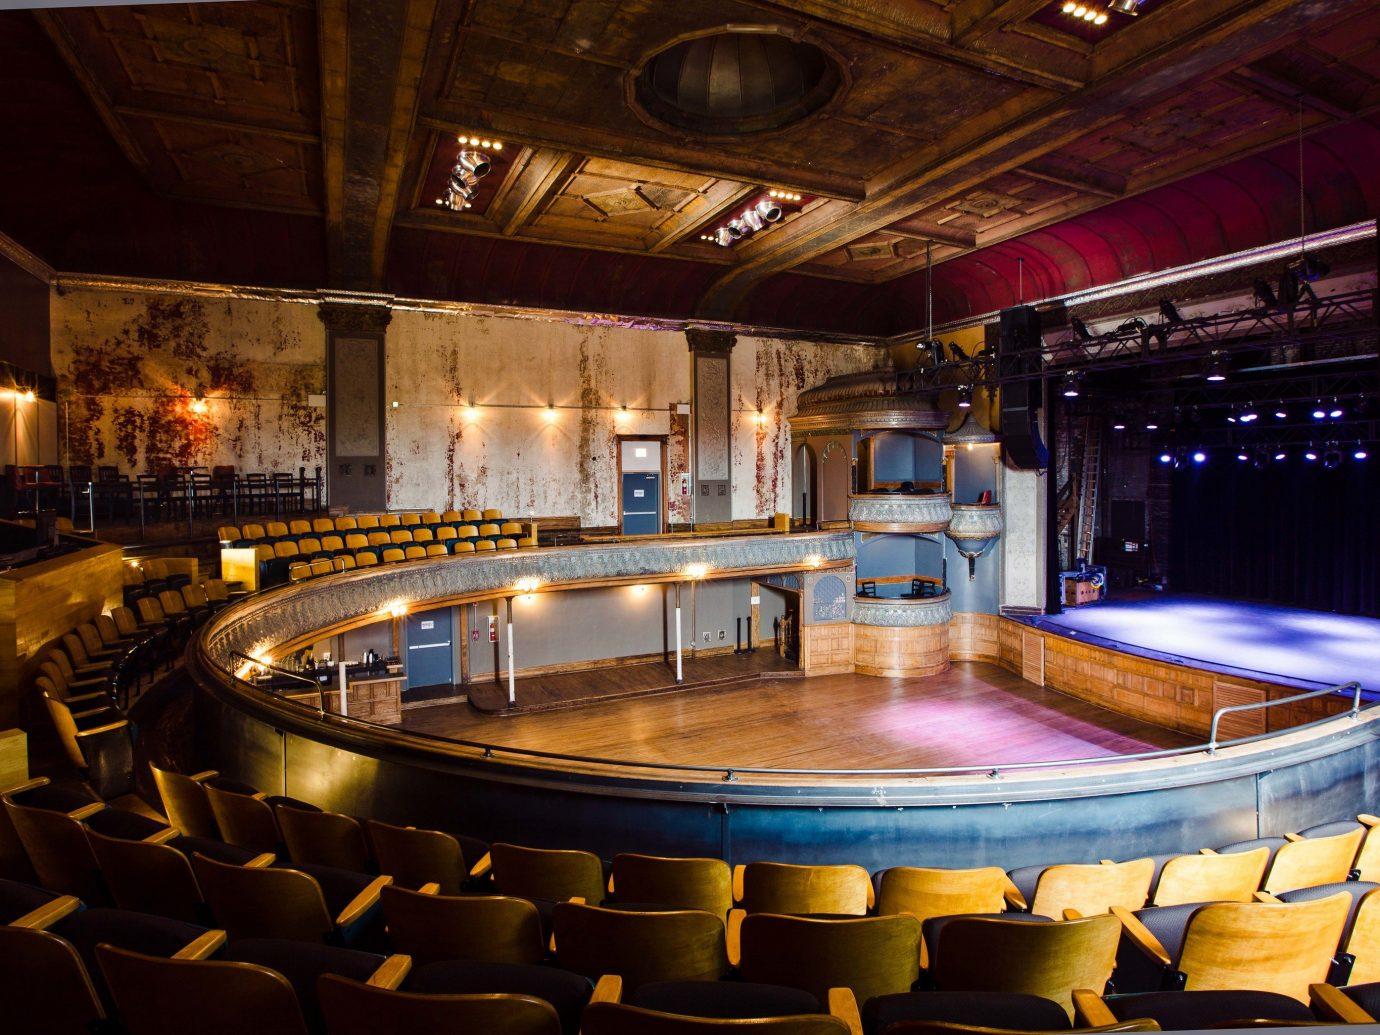 Trip Ideas indoor ceiling performing arts center auditorium theatre function hall interior design stage restaurant Bar several